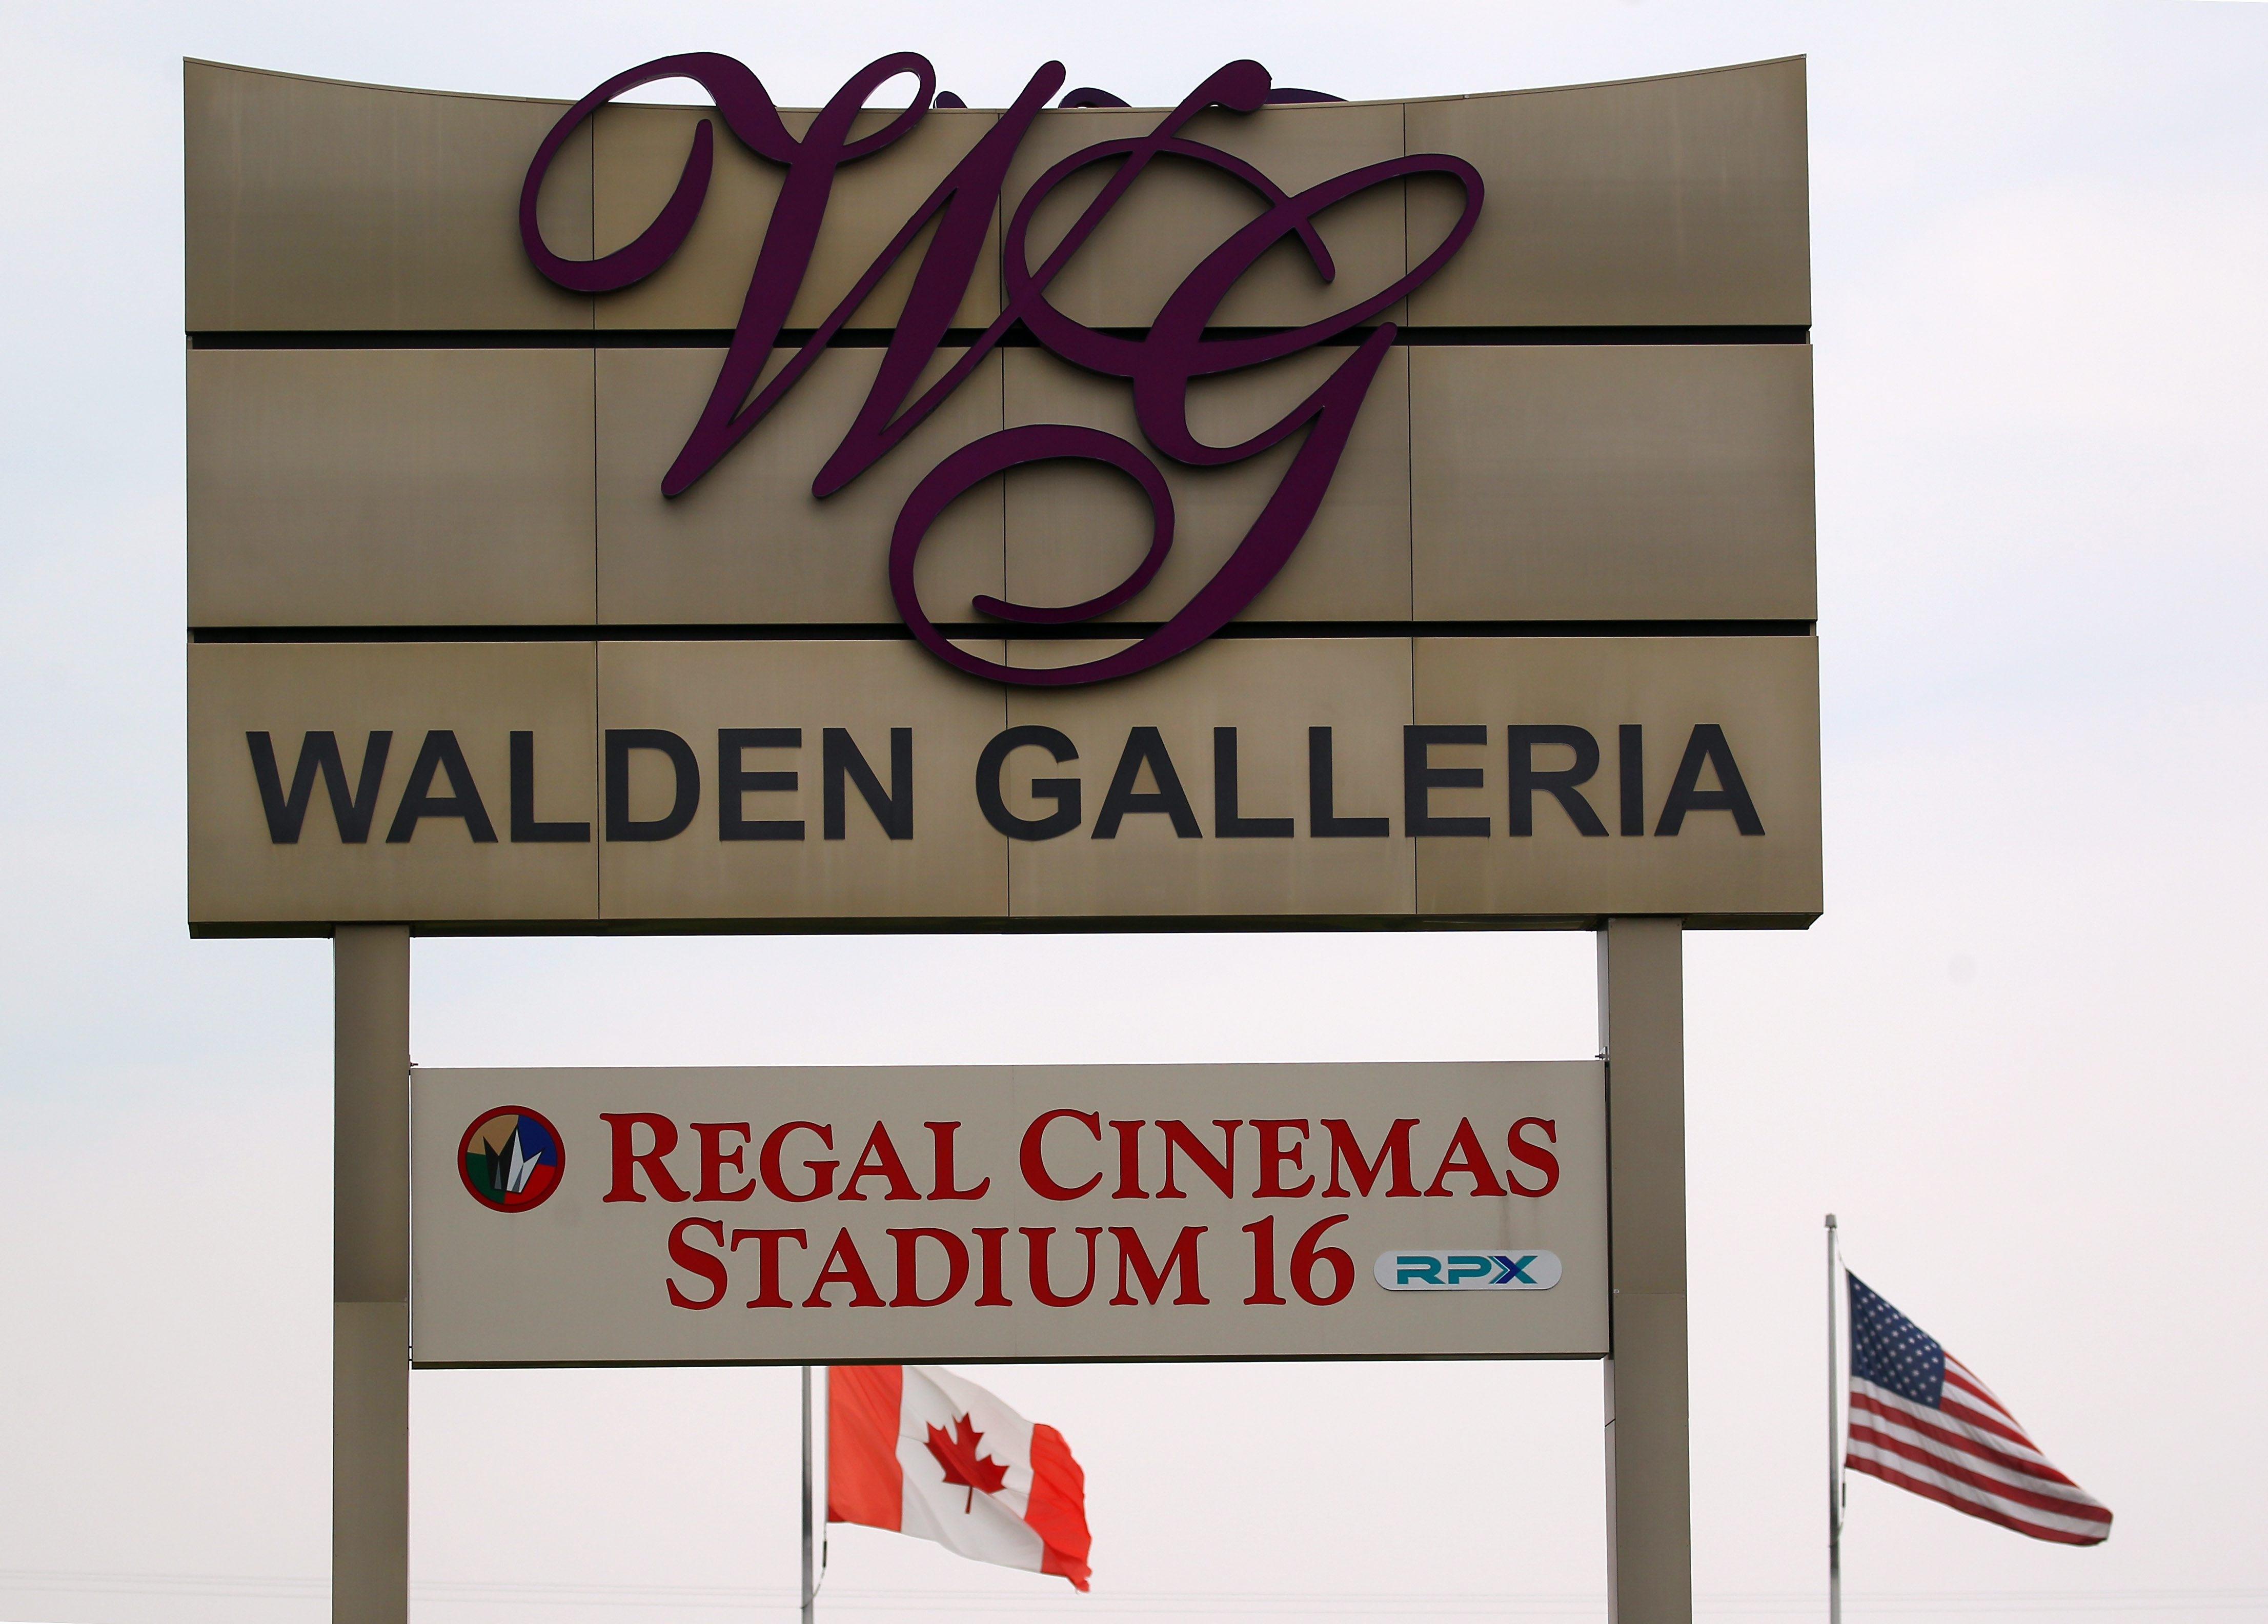 Walden Galleria welcomes Ashcroft & Oak jewelry, Eddie Bauer